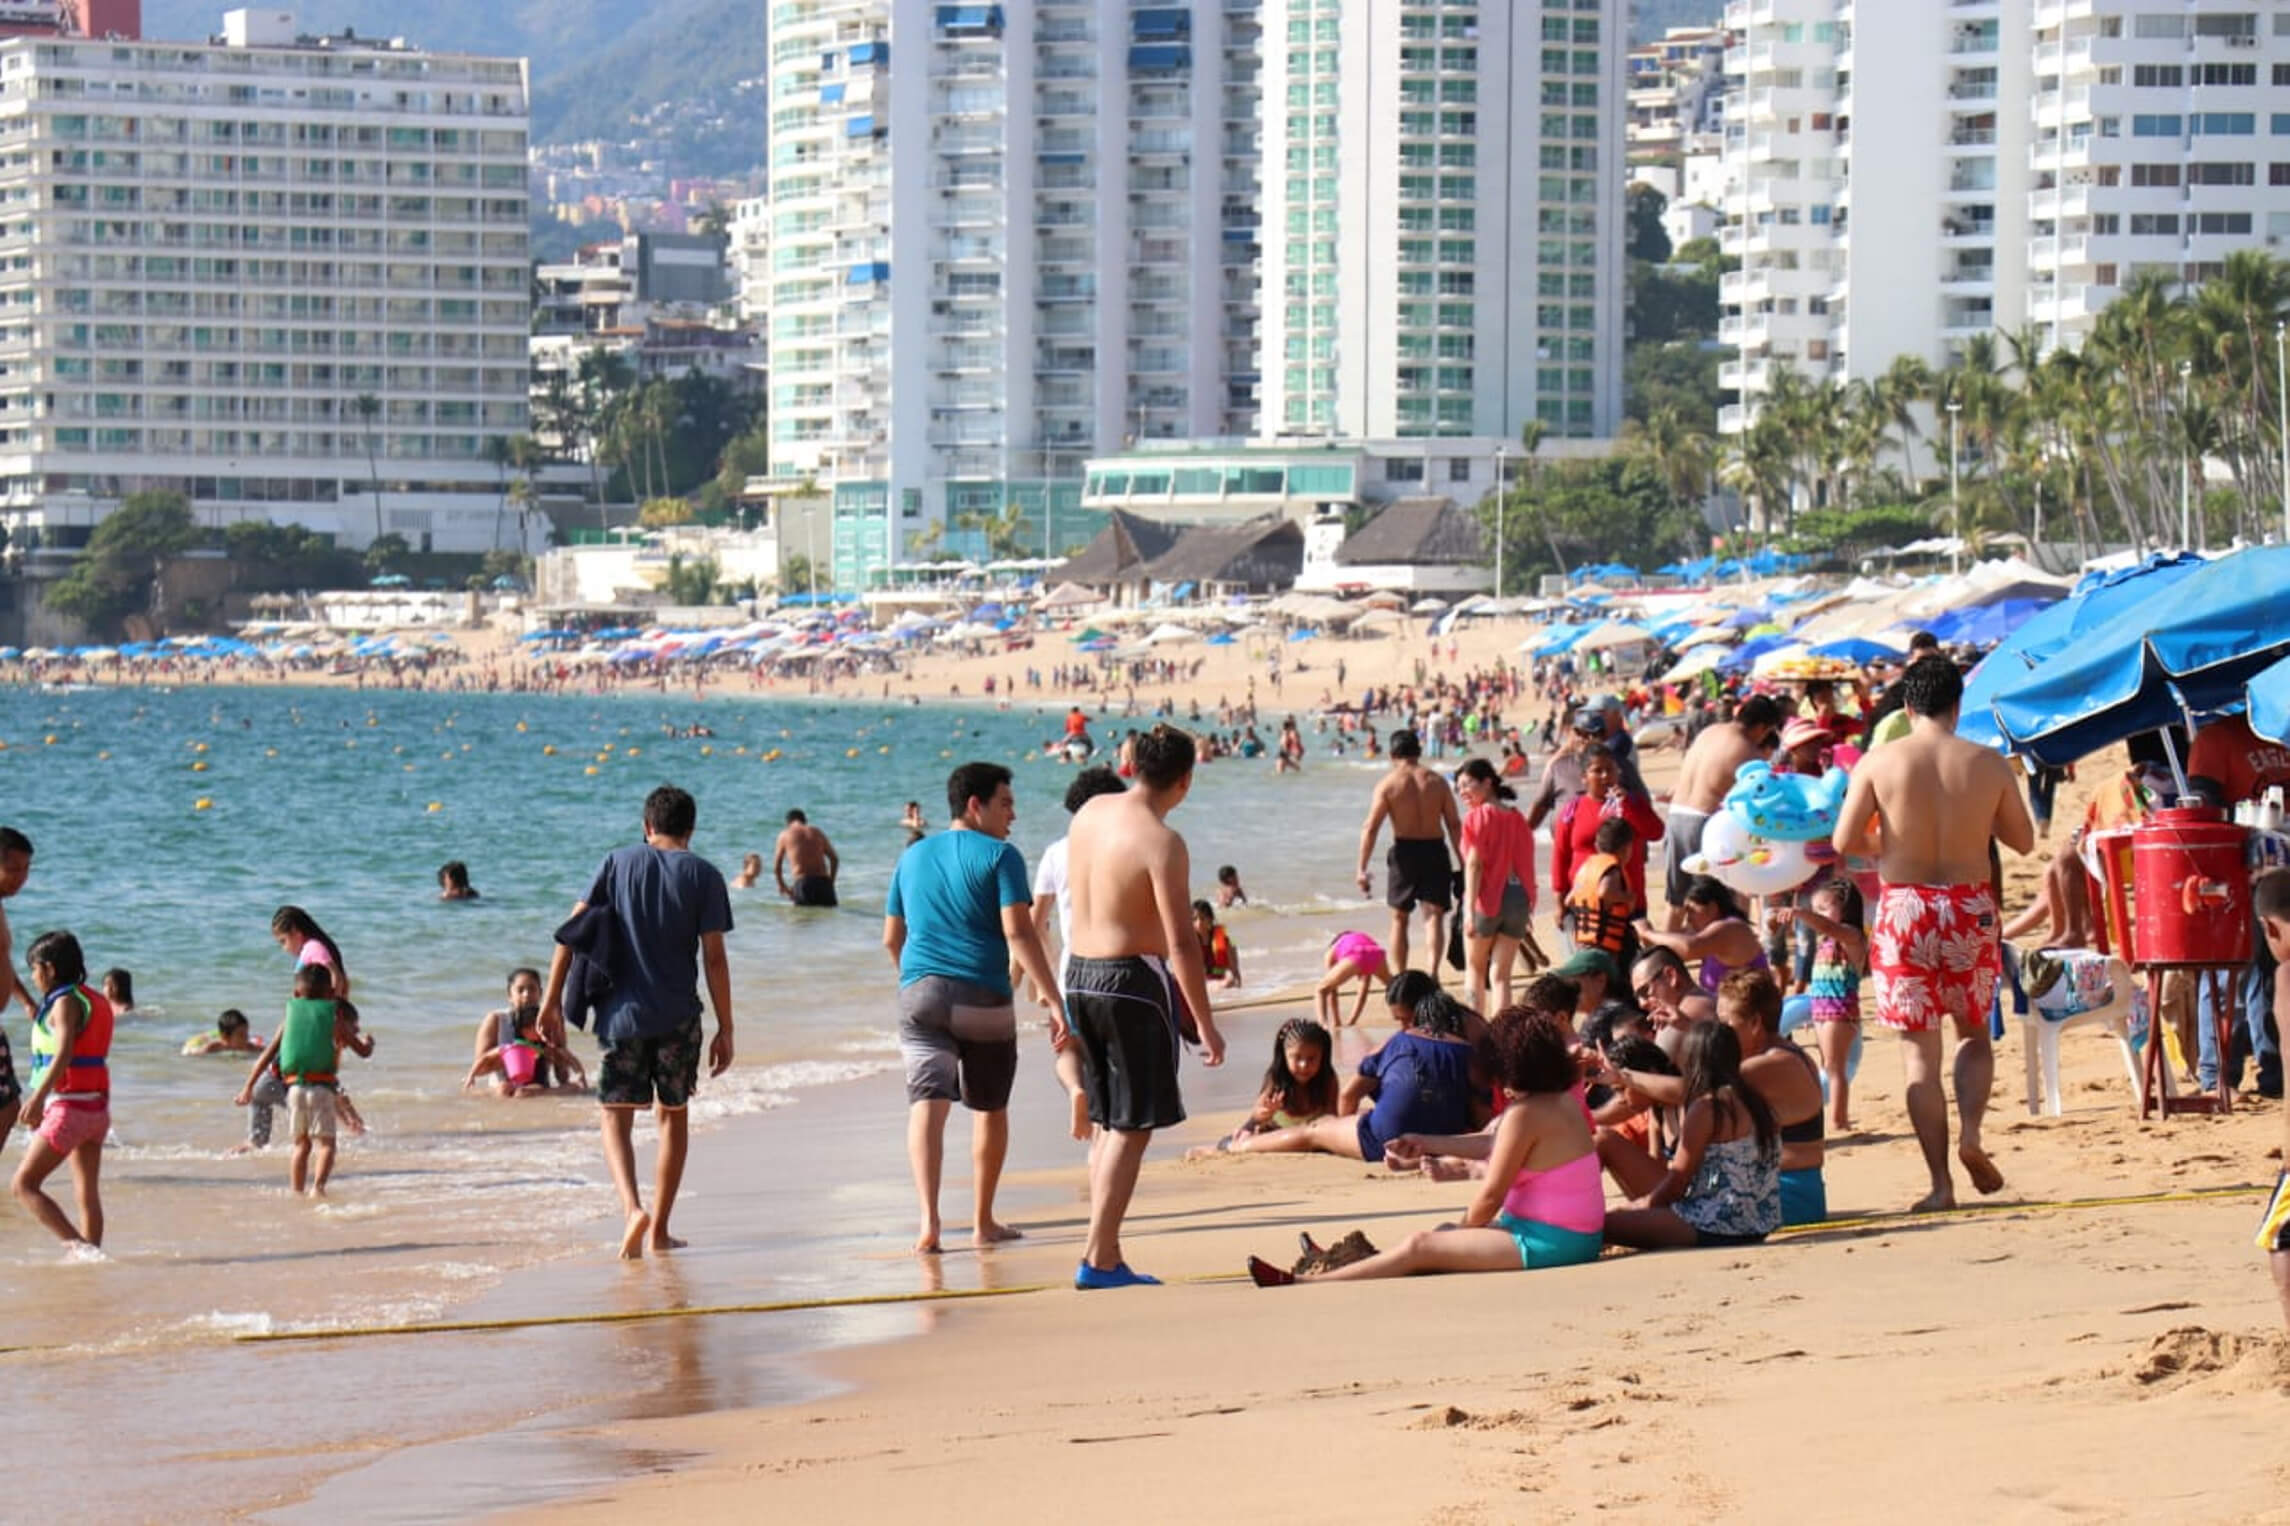 Acapulco, con playas llenas de turistas en último fin semana